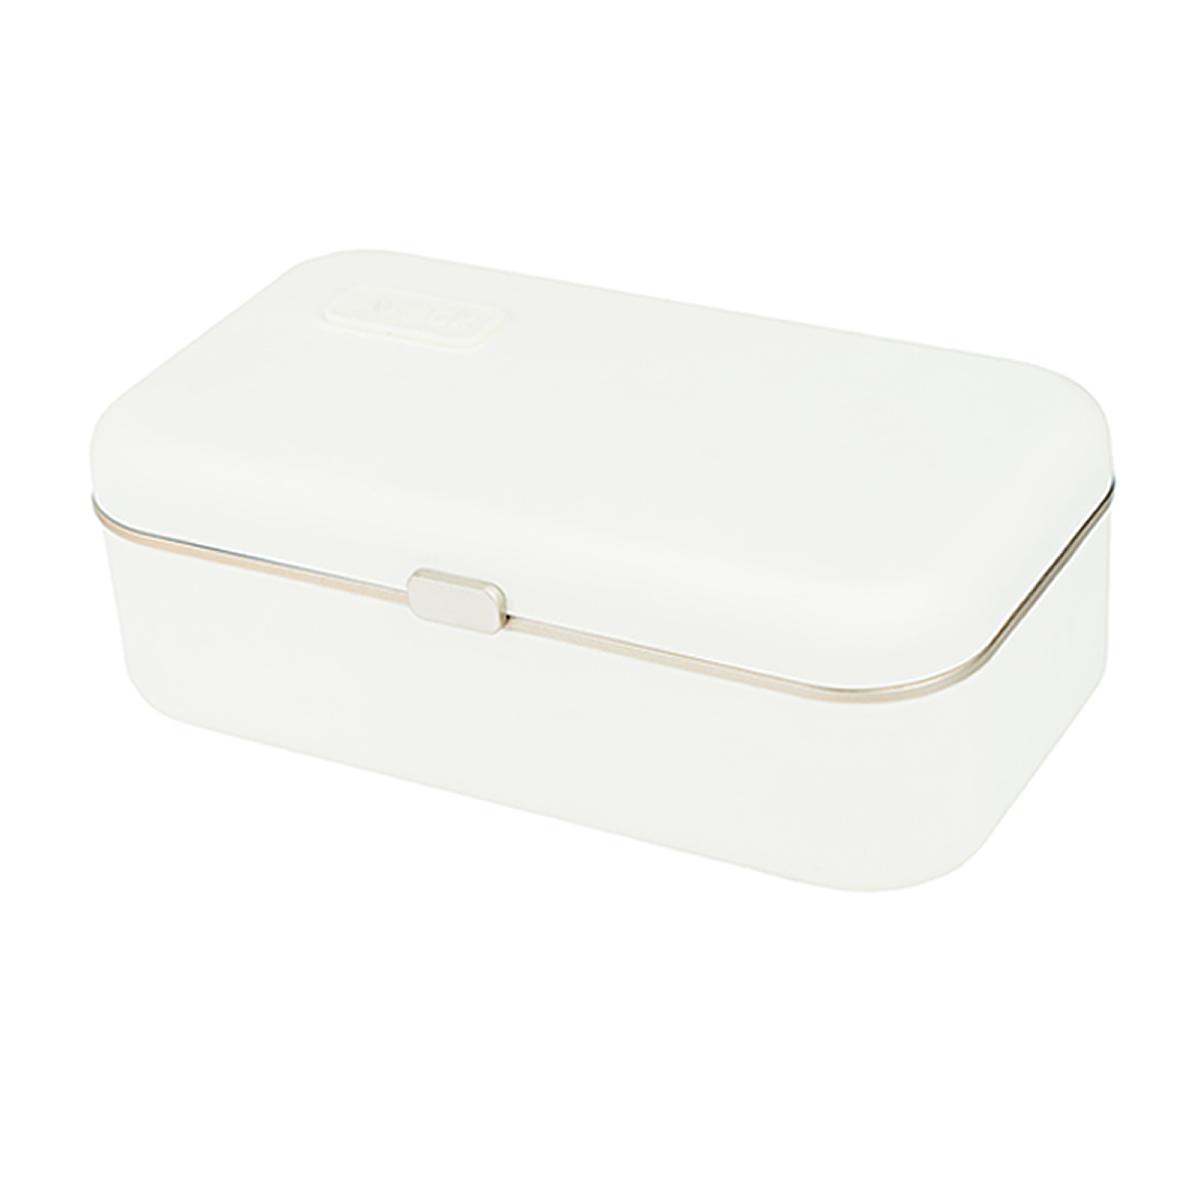 适盒(A4BOX )加热便当盒-标配 白色 HY-1001-N0004-T13